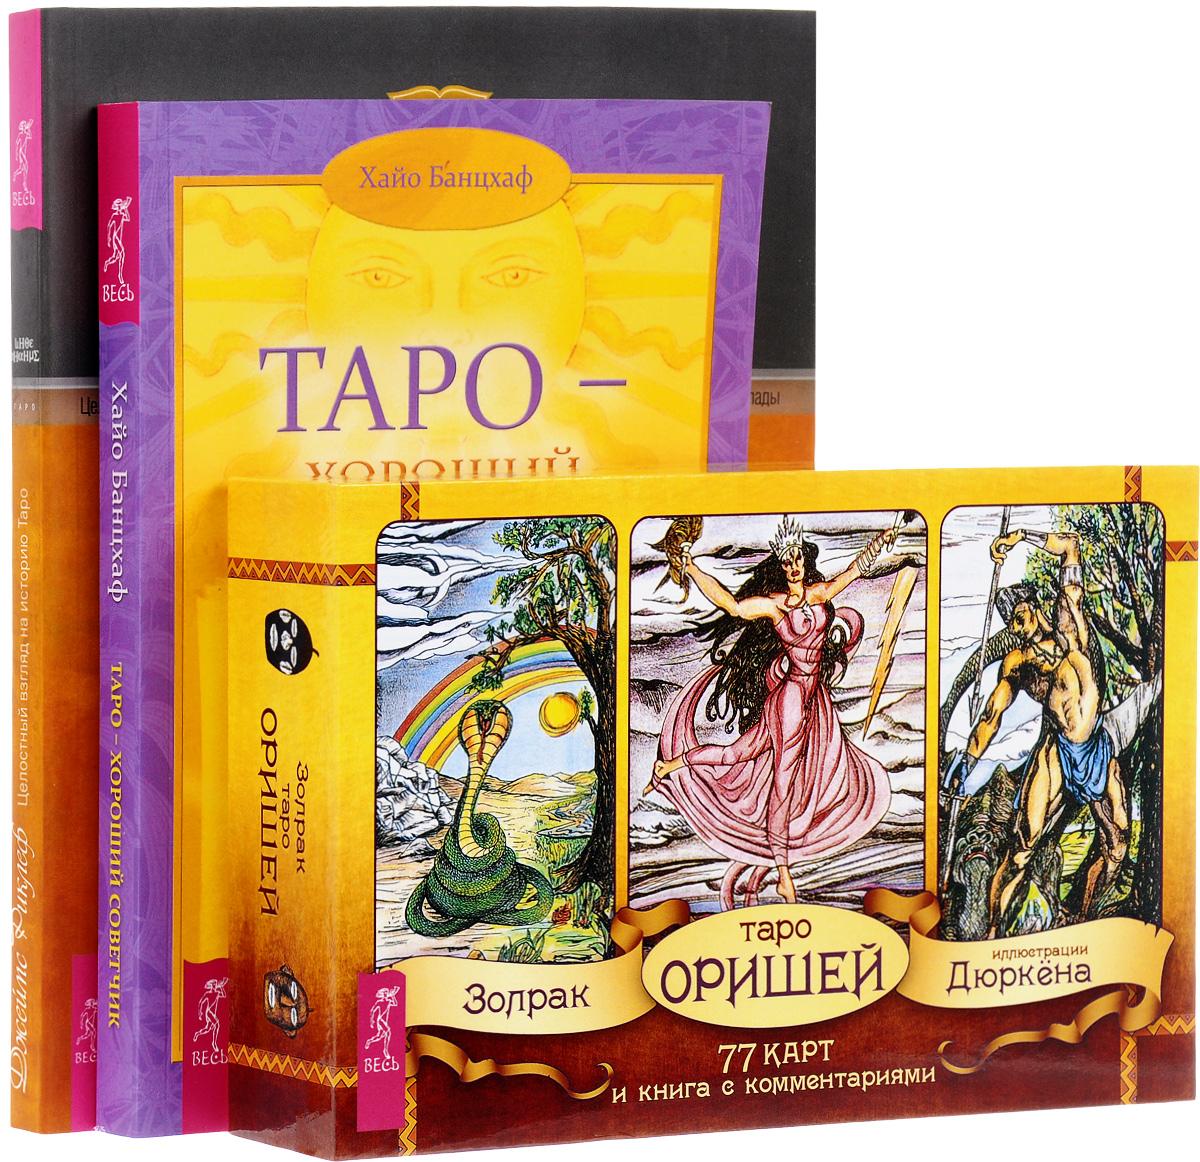 Золрак, Хайо Банцхаф, Джеймс Риклеф Таро Оришей. Таро – хороший советчик. Целостный взгляд на историю Таро (комплект из 3 книг и колоды карт)